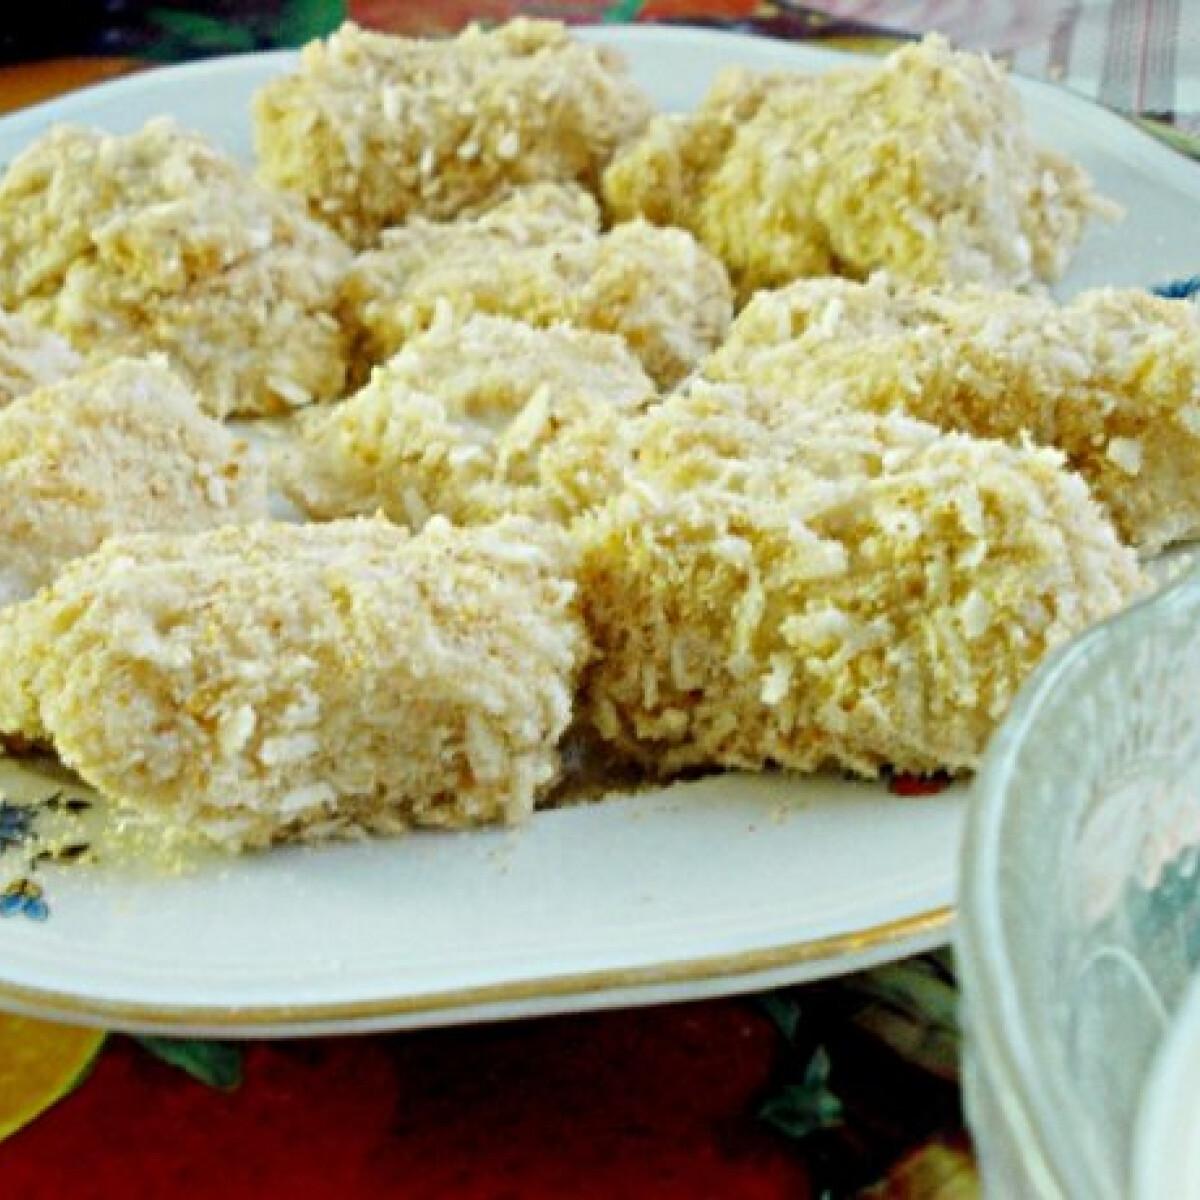 Kókuszos zabkásamorzsa diétásan